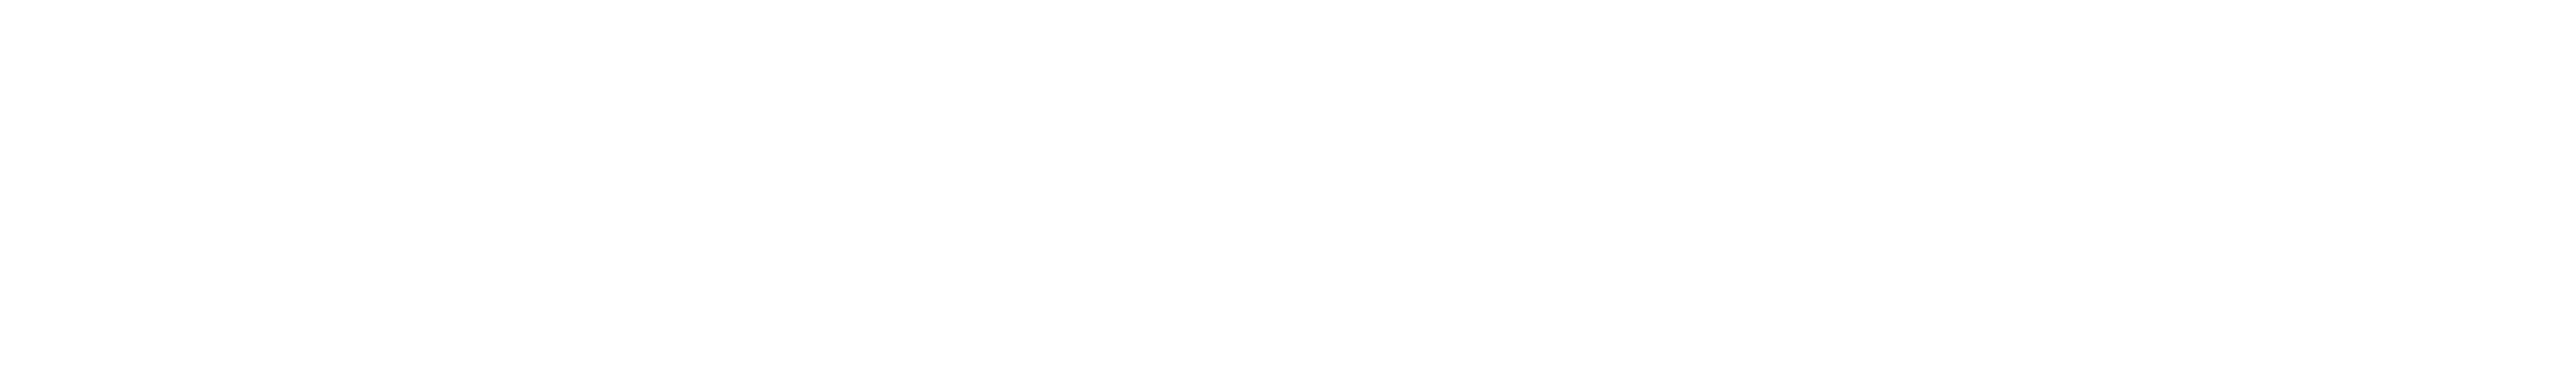 Das Logo von Sennrich und Schneider in weiß